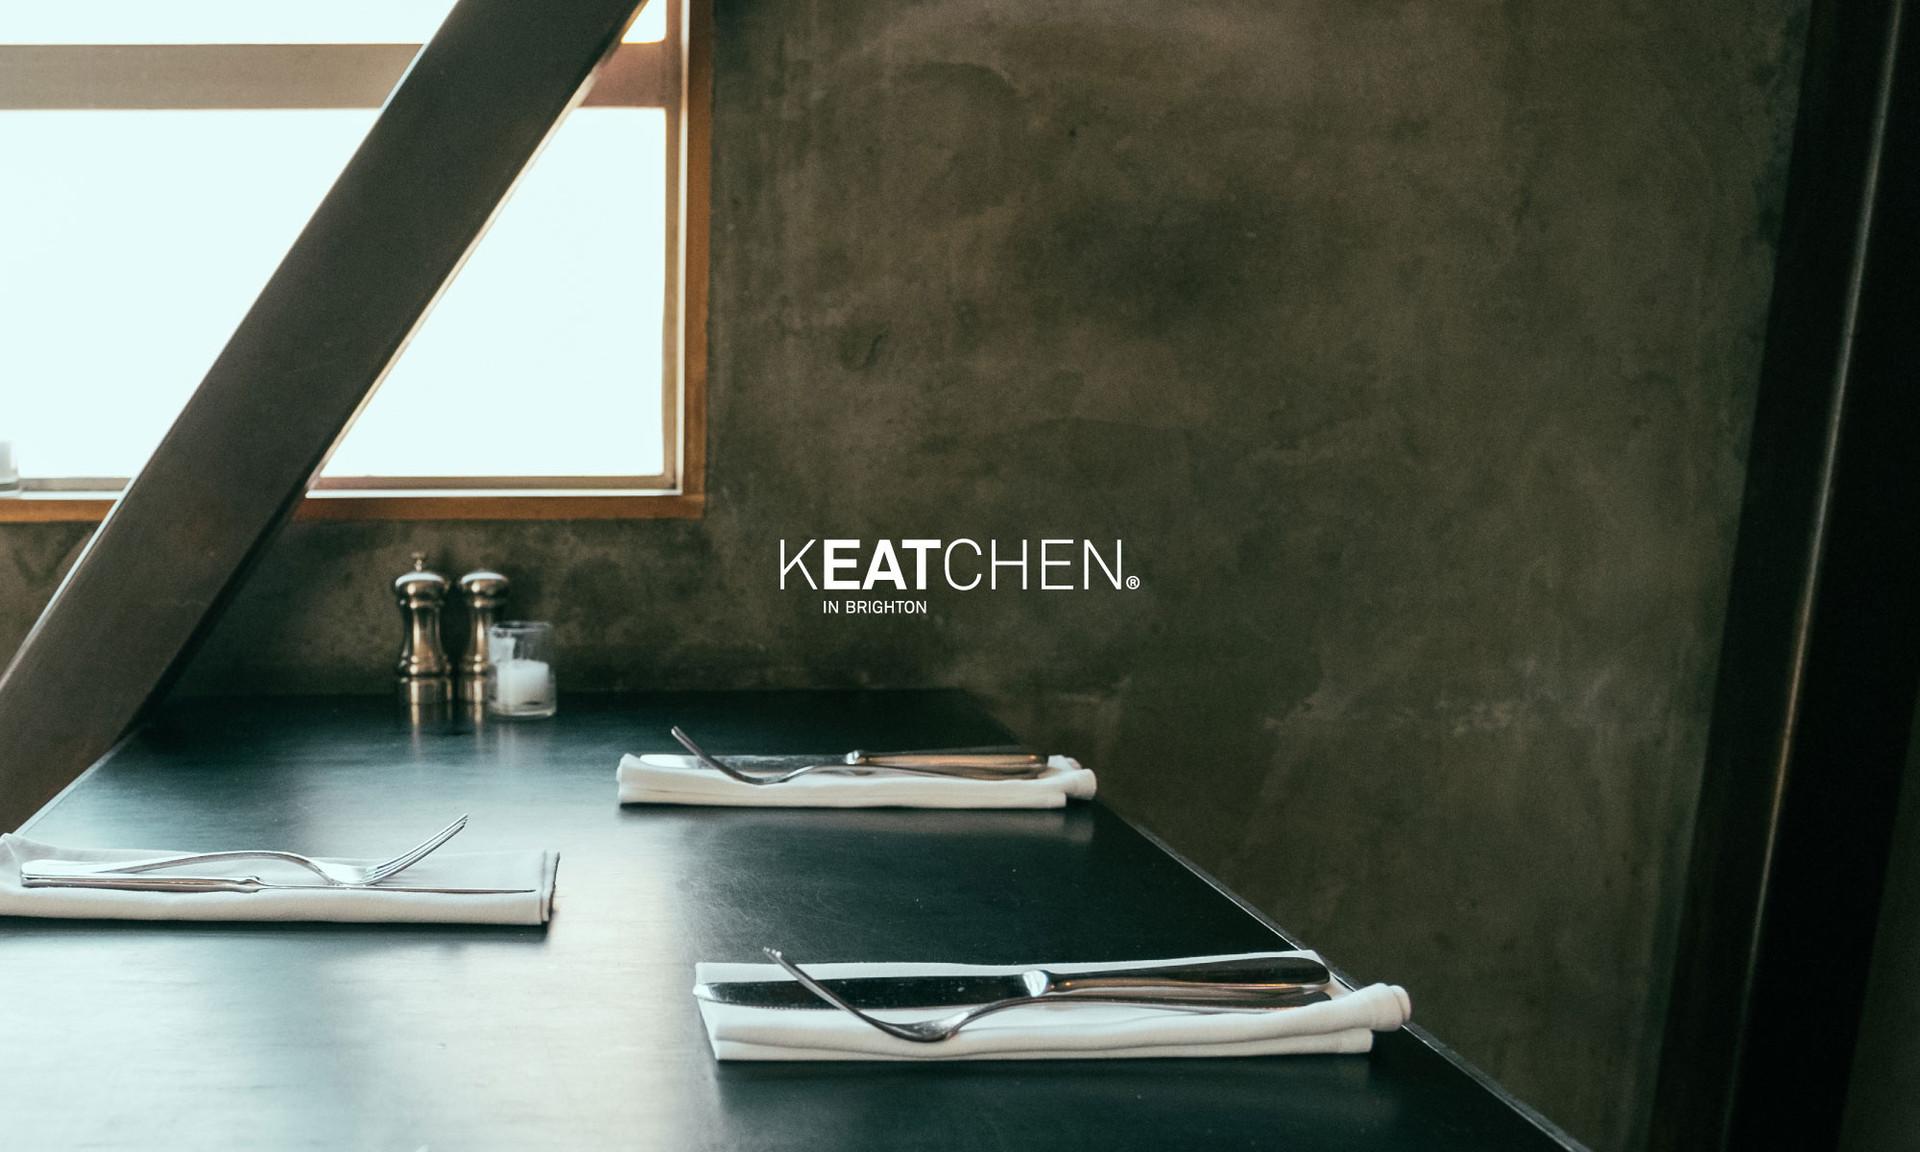 keatchen-brighton-logo.jpg